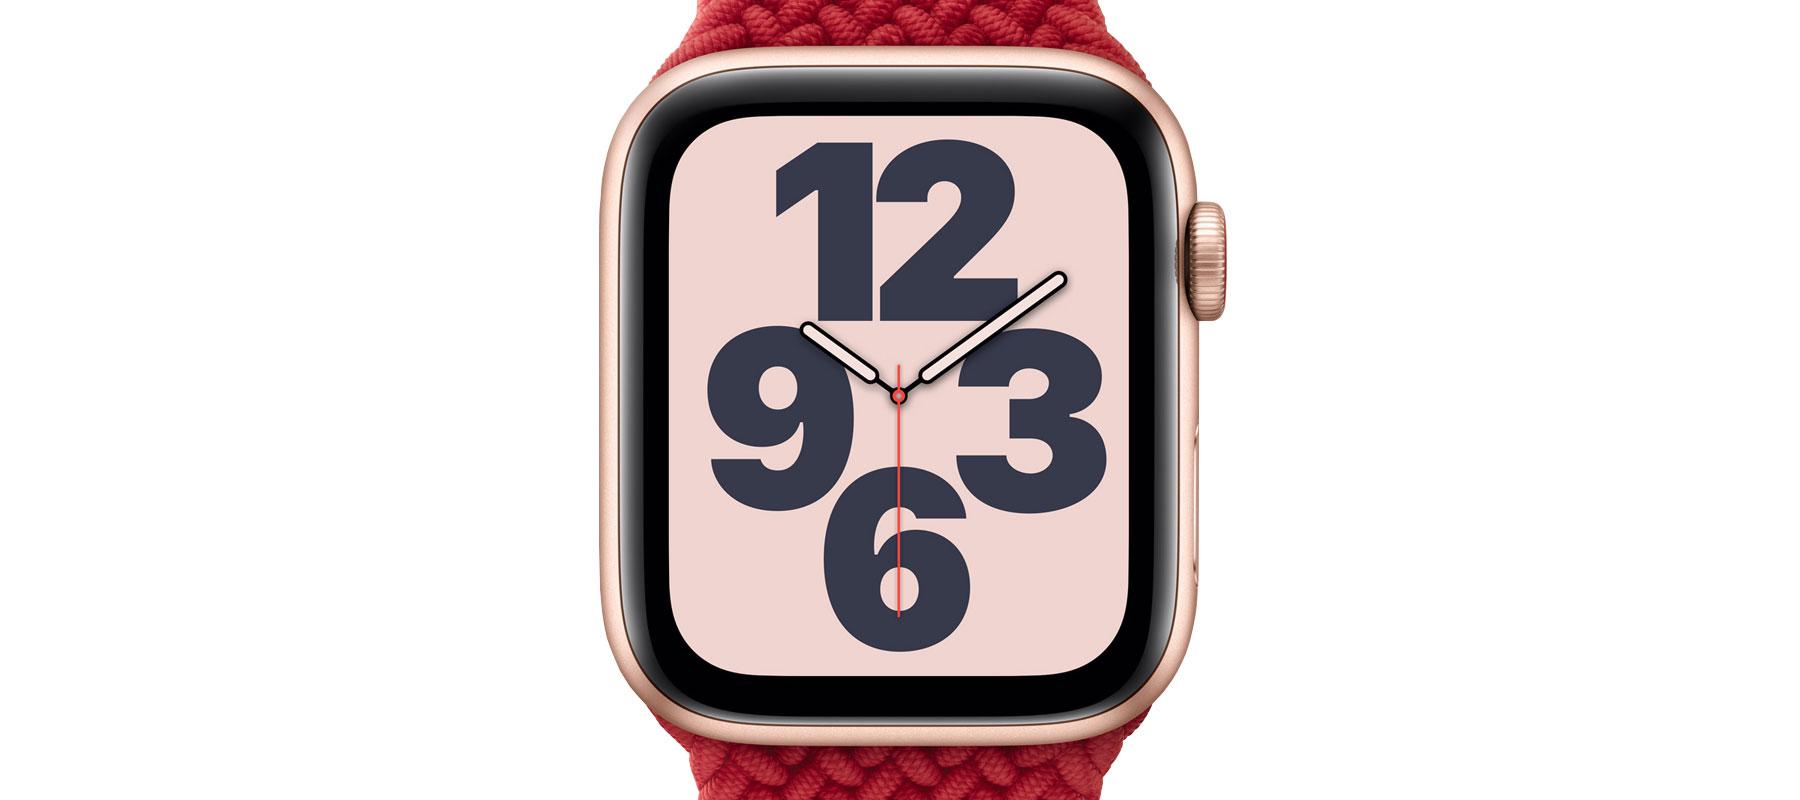 صفحه نمایش ساعت هوشمند اپل واچ SE